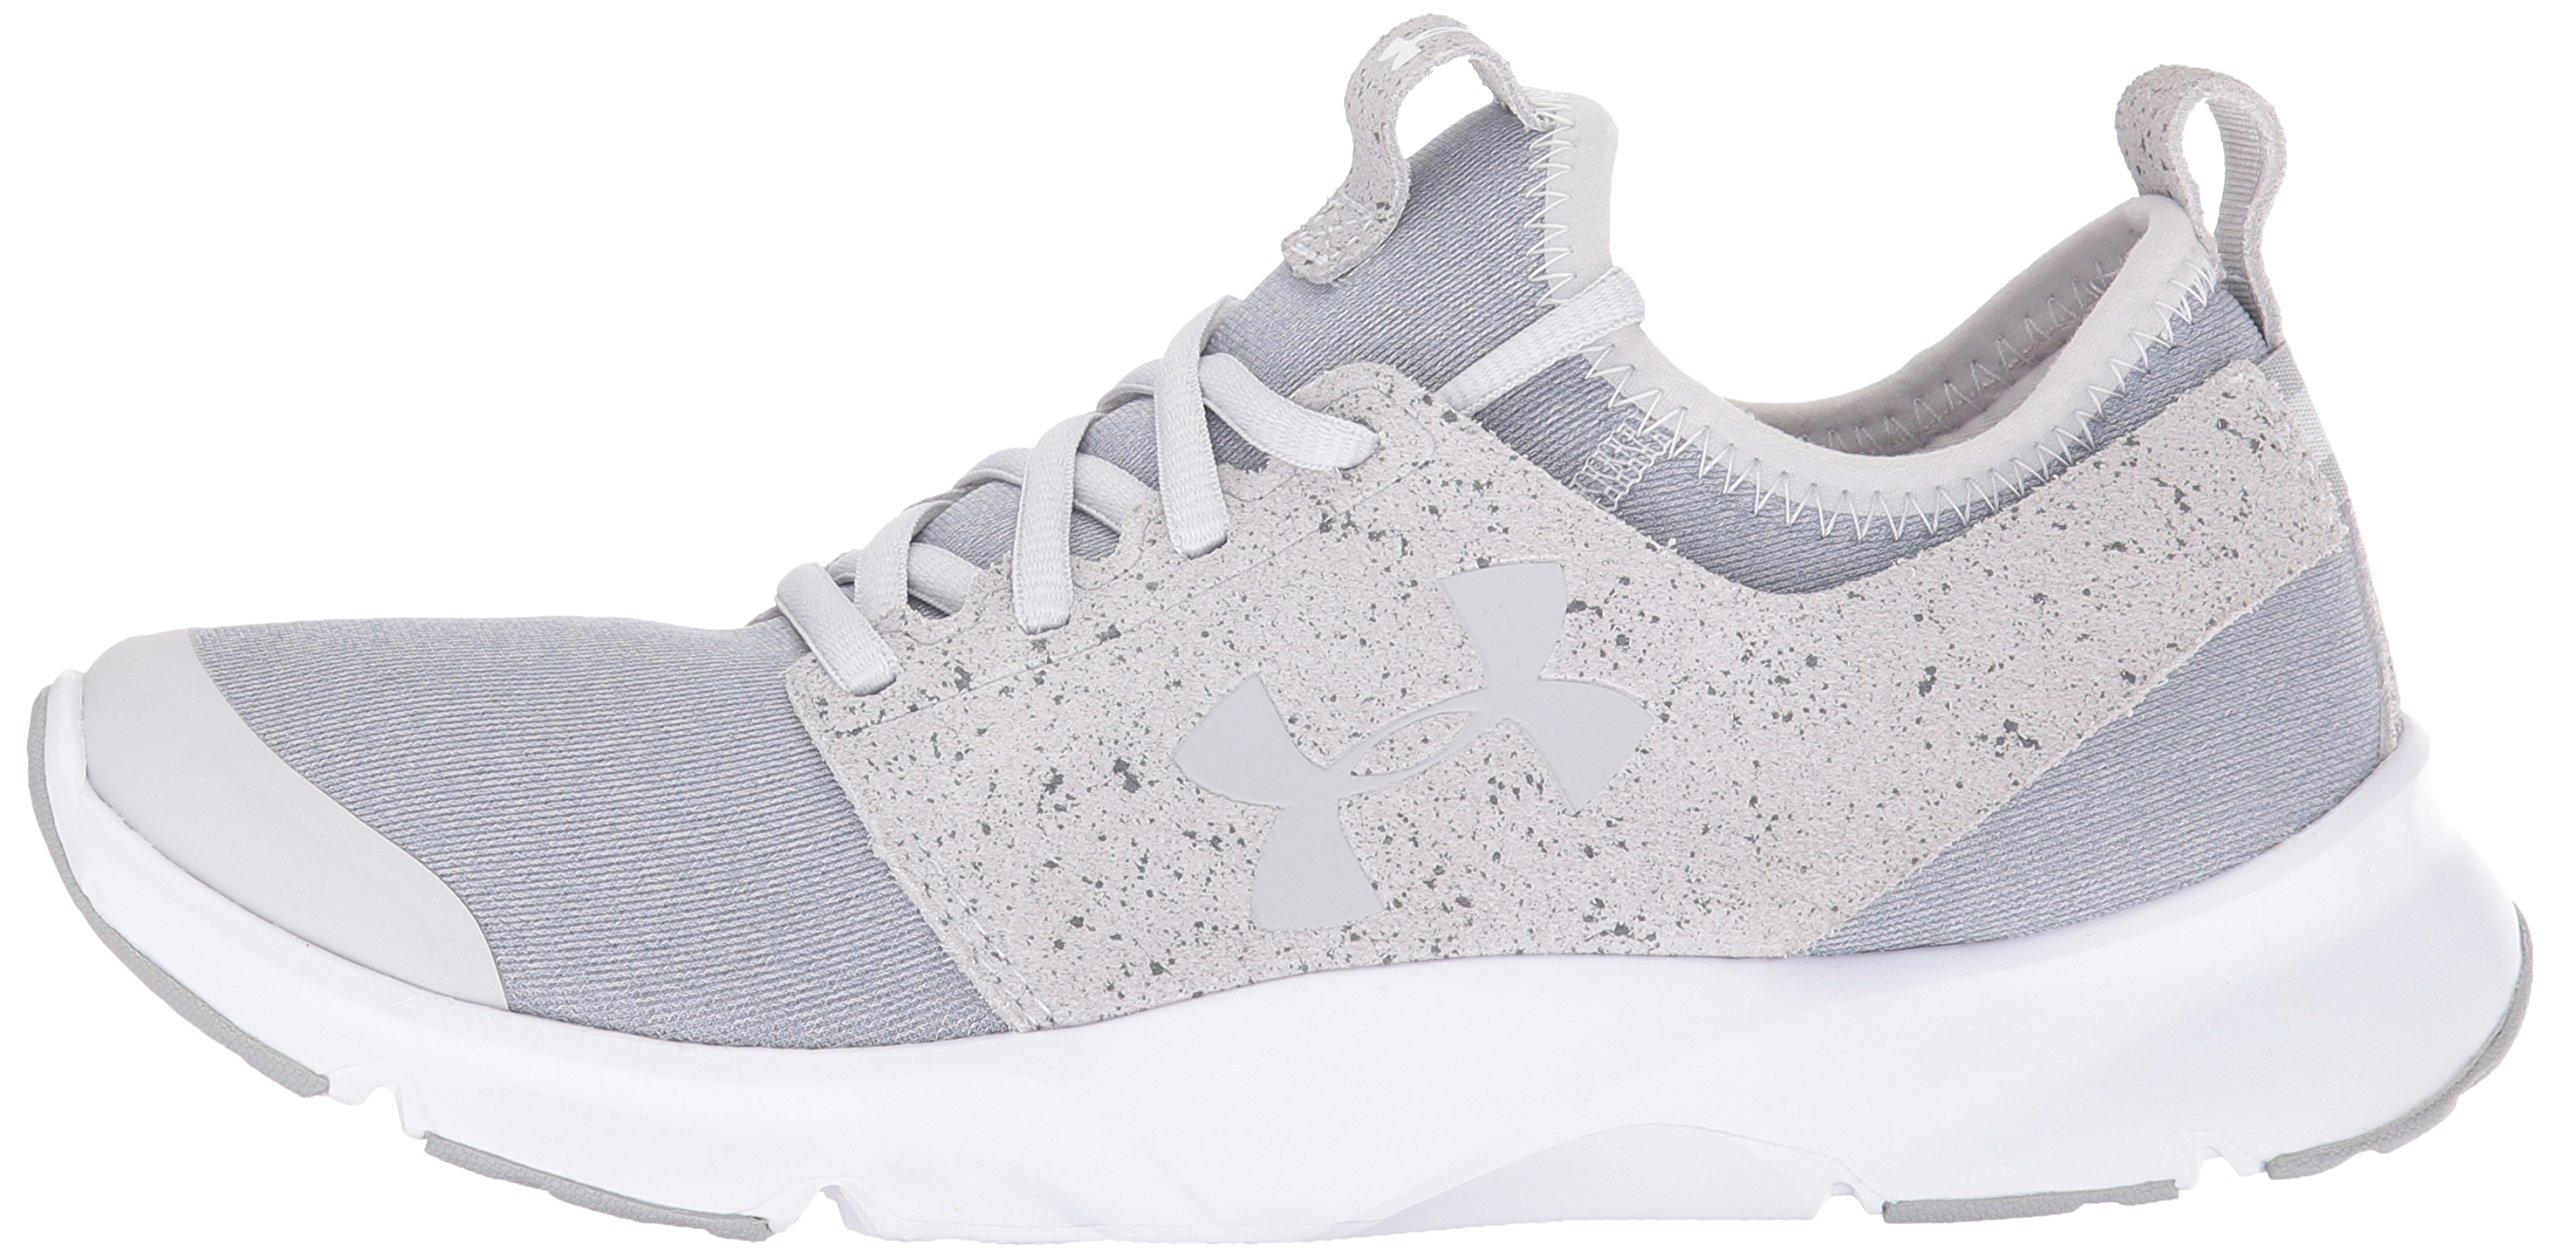 81jBVW1qknL - Under Armour Women's Drift Mineral Running Shoes